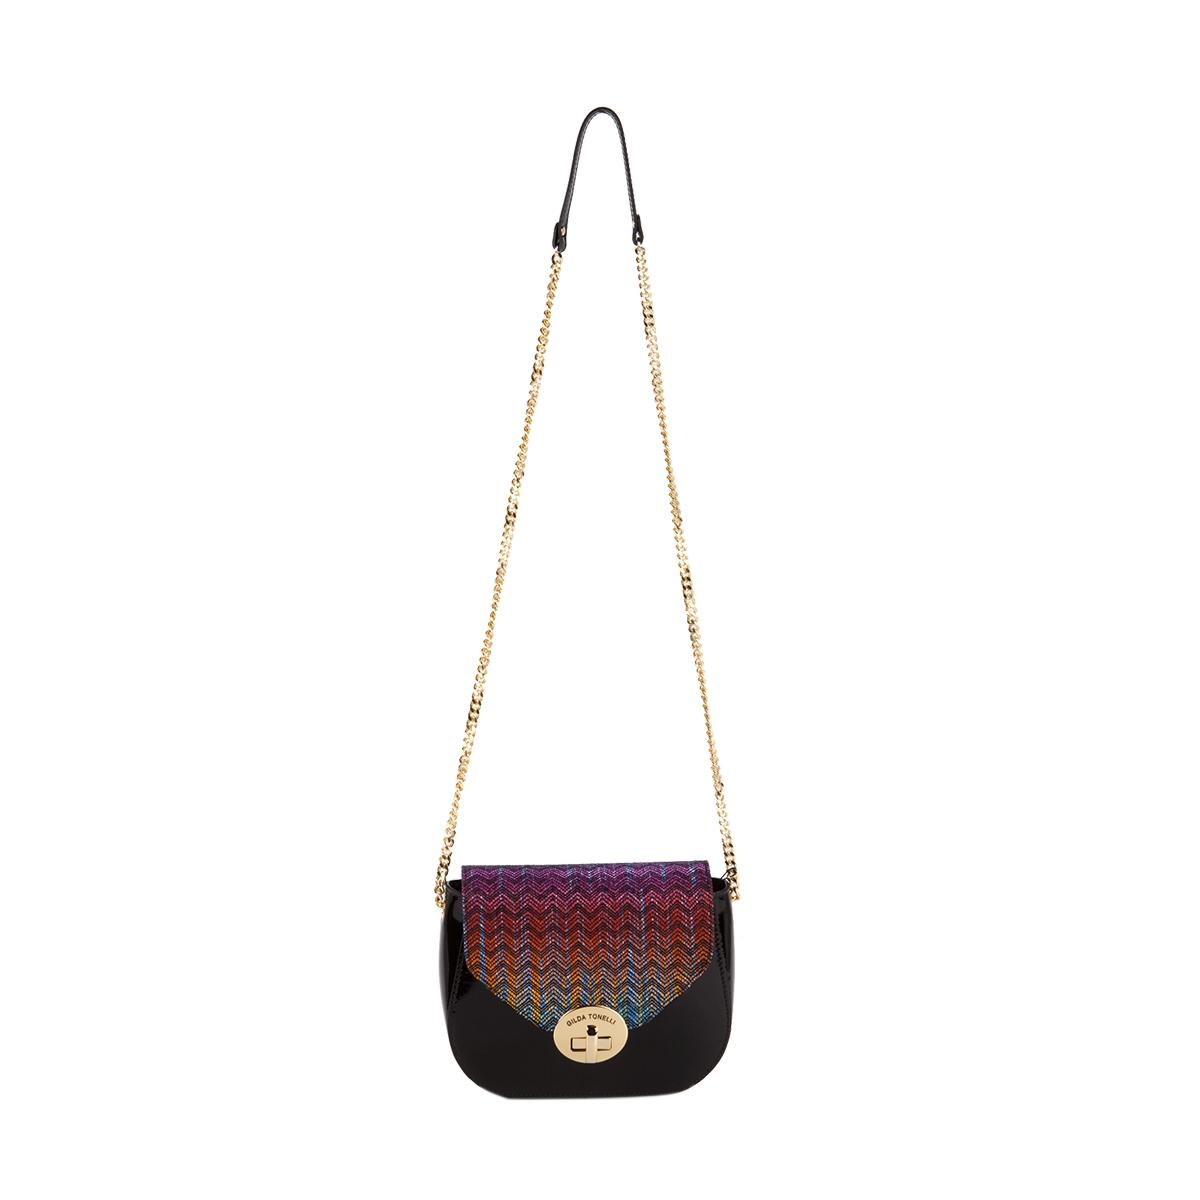 ca084118d176 Женская сумка Gilda Tonelli 0480, в наличии - купить в интернет ...